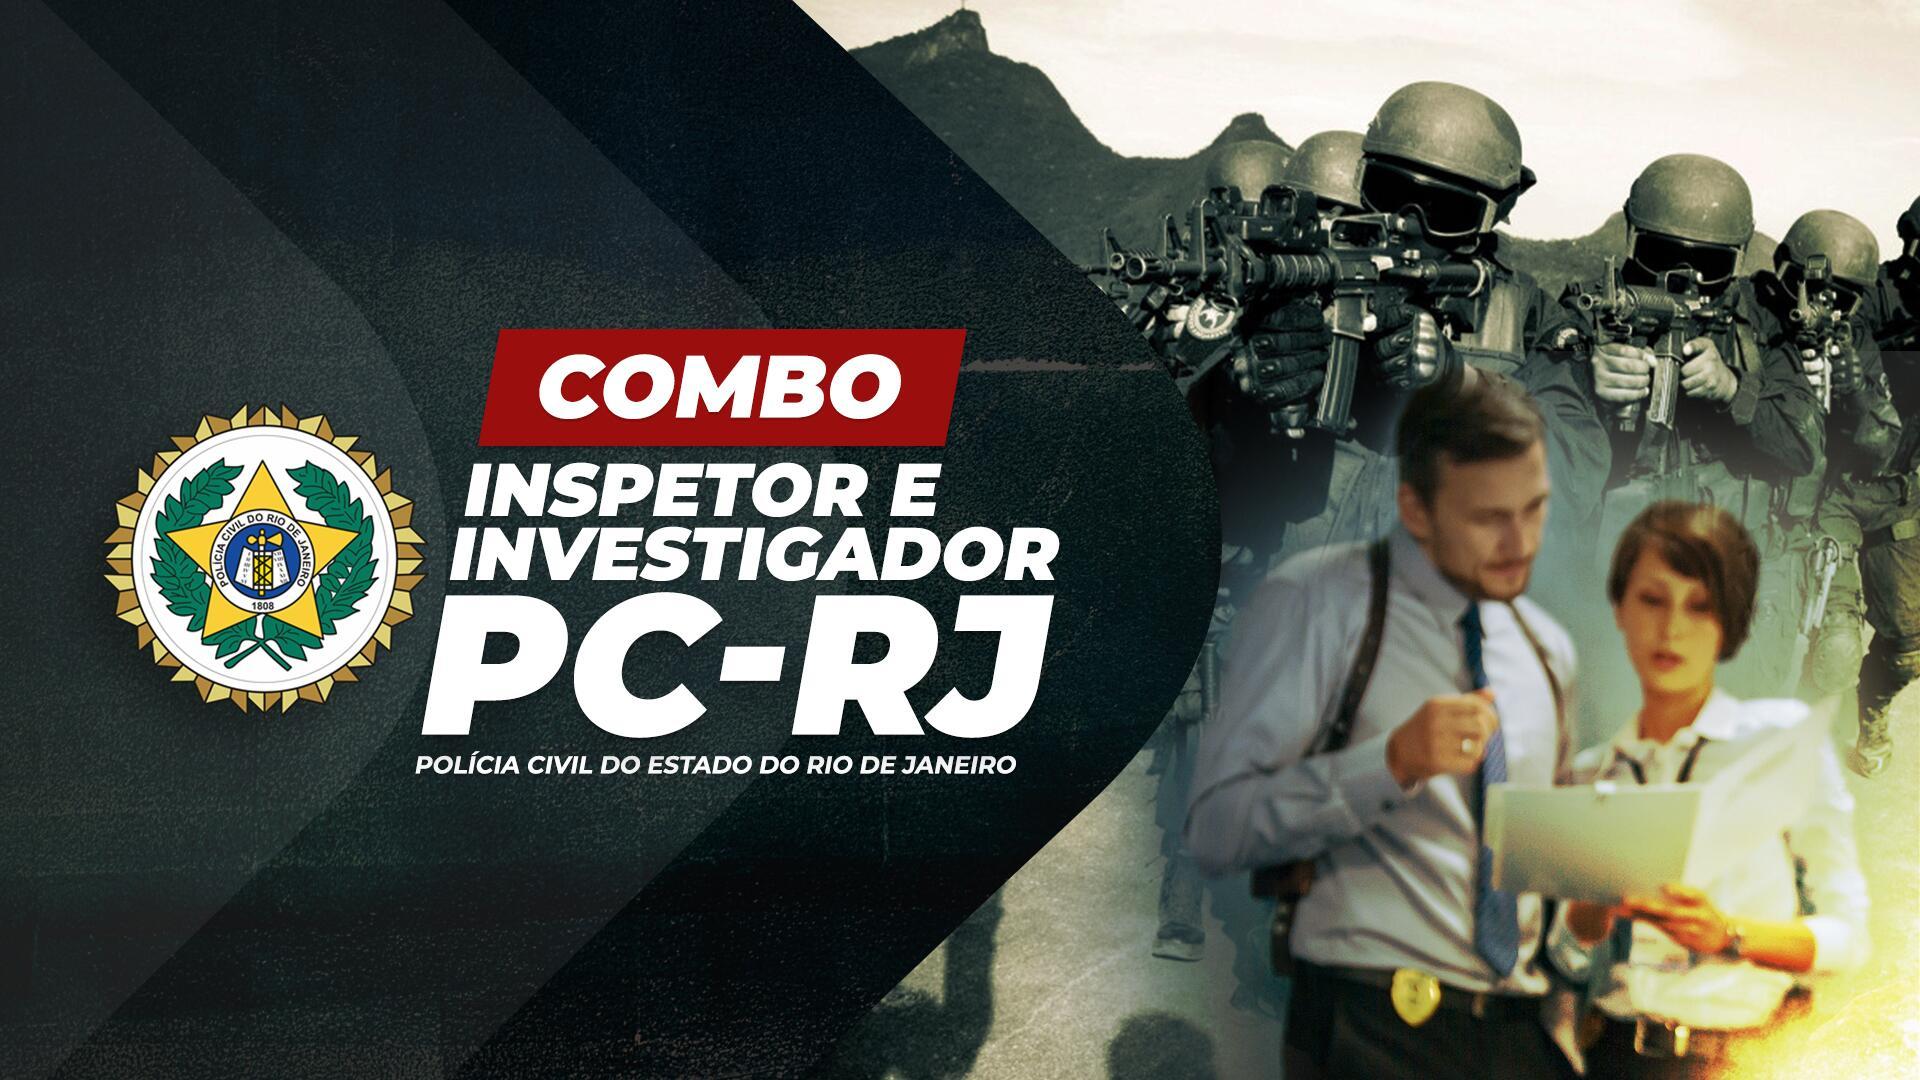 PC RJ - 2 em 1: Inspetor e Investigador da Polícia Civil do Rio de Janeiro